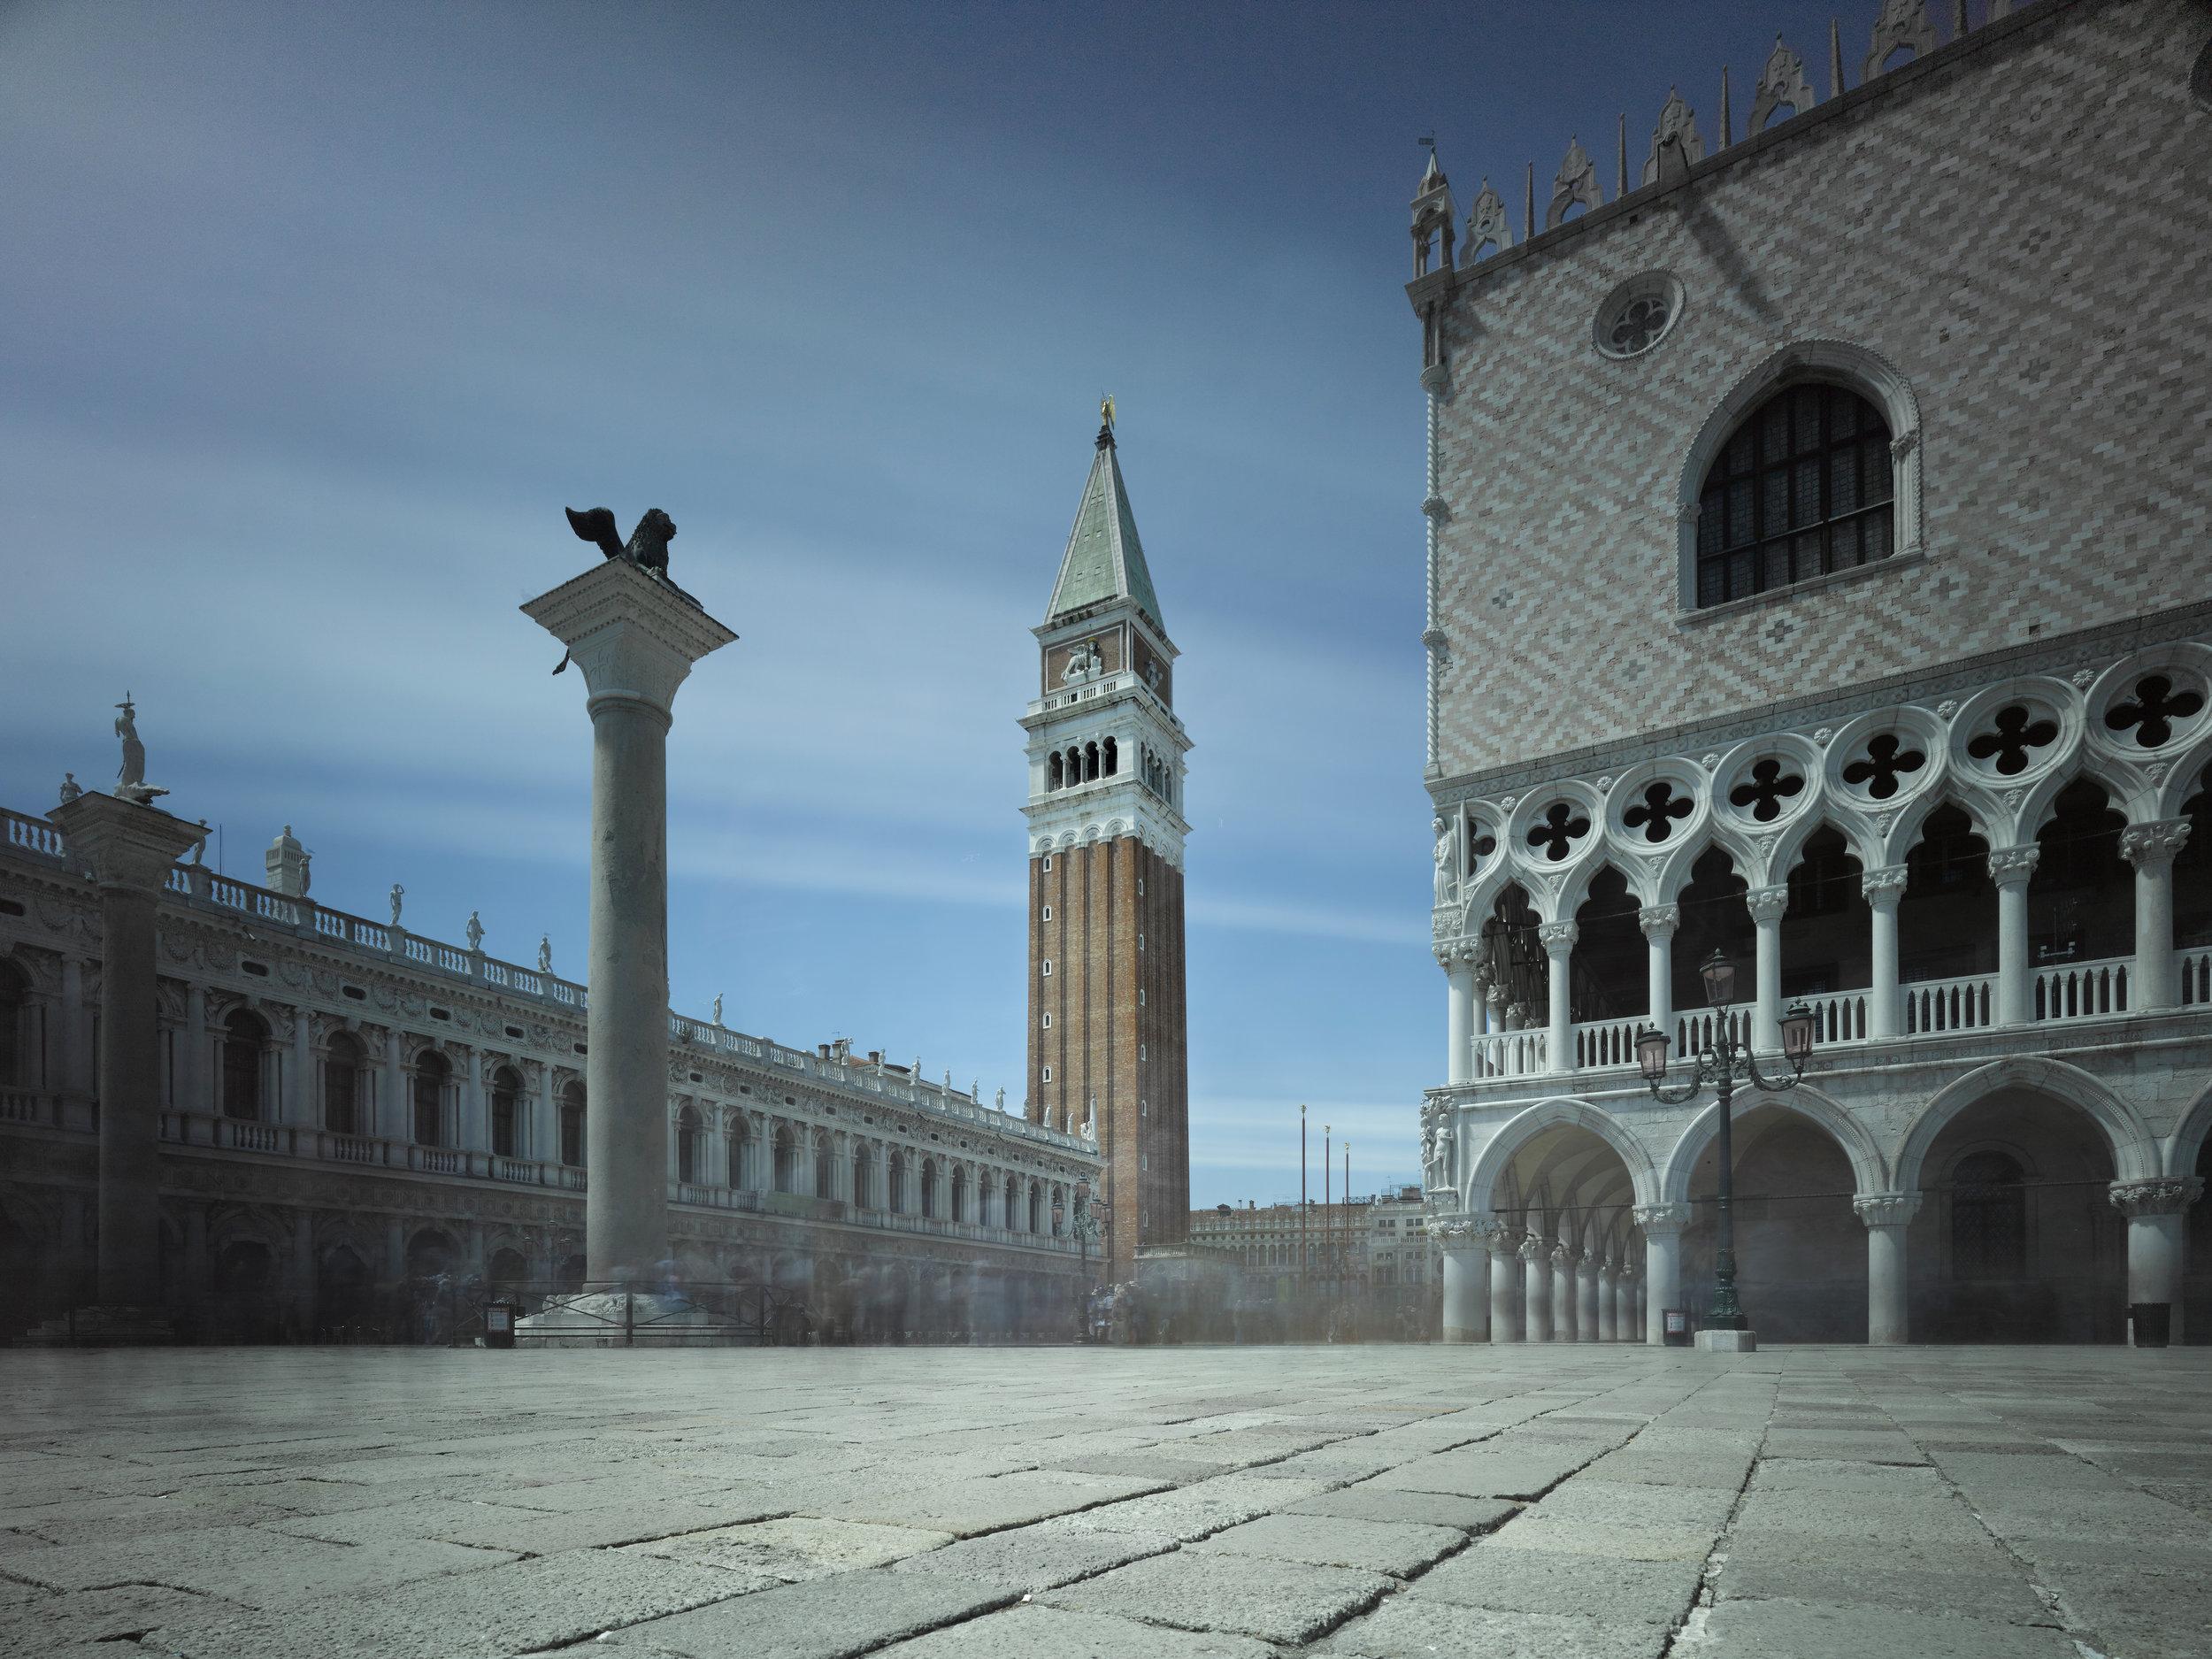 ITALIEN_VENEDIG_001.JPG